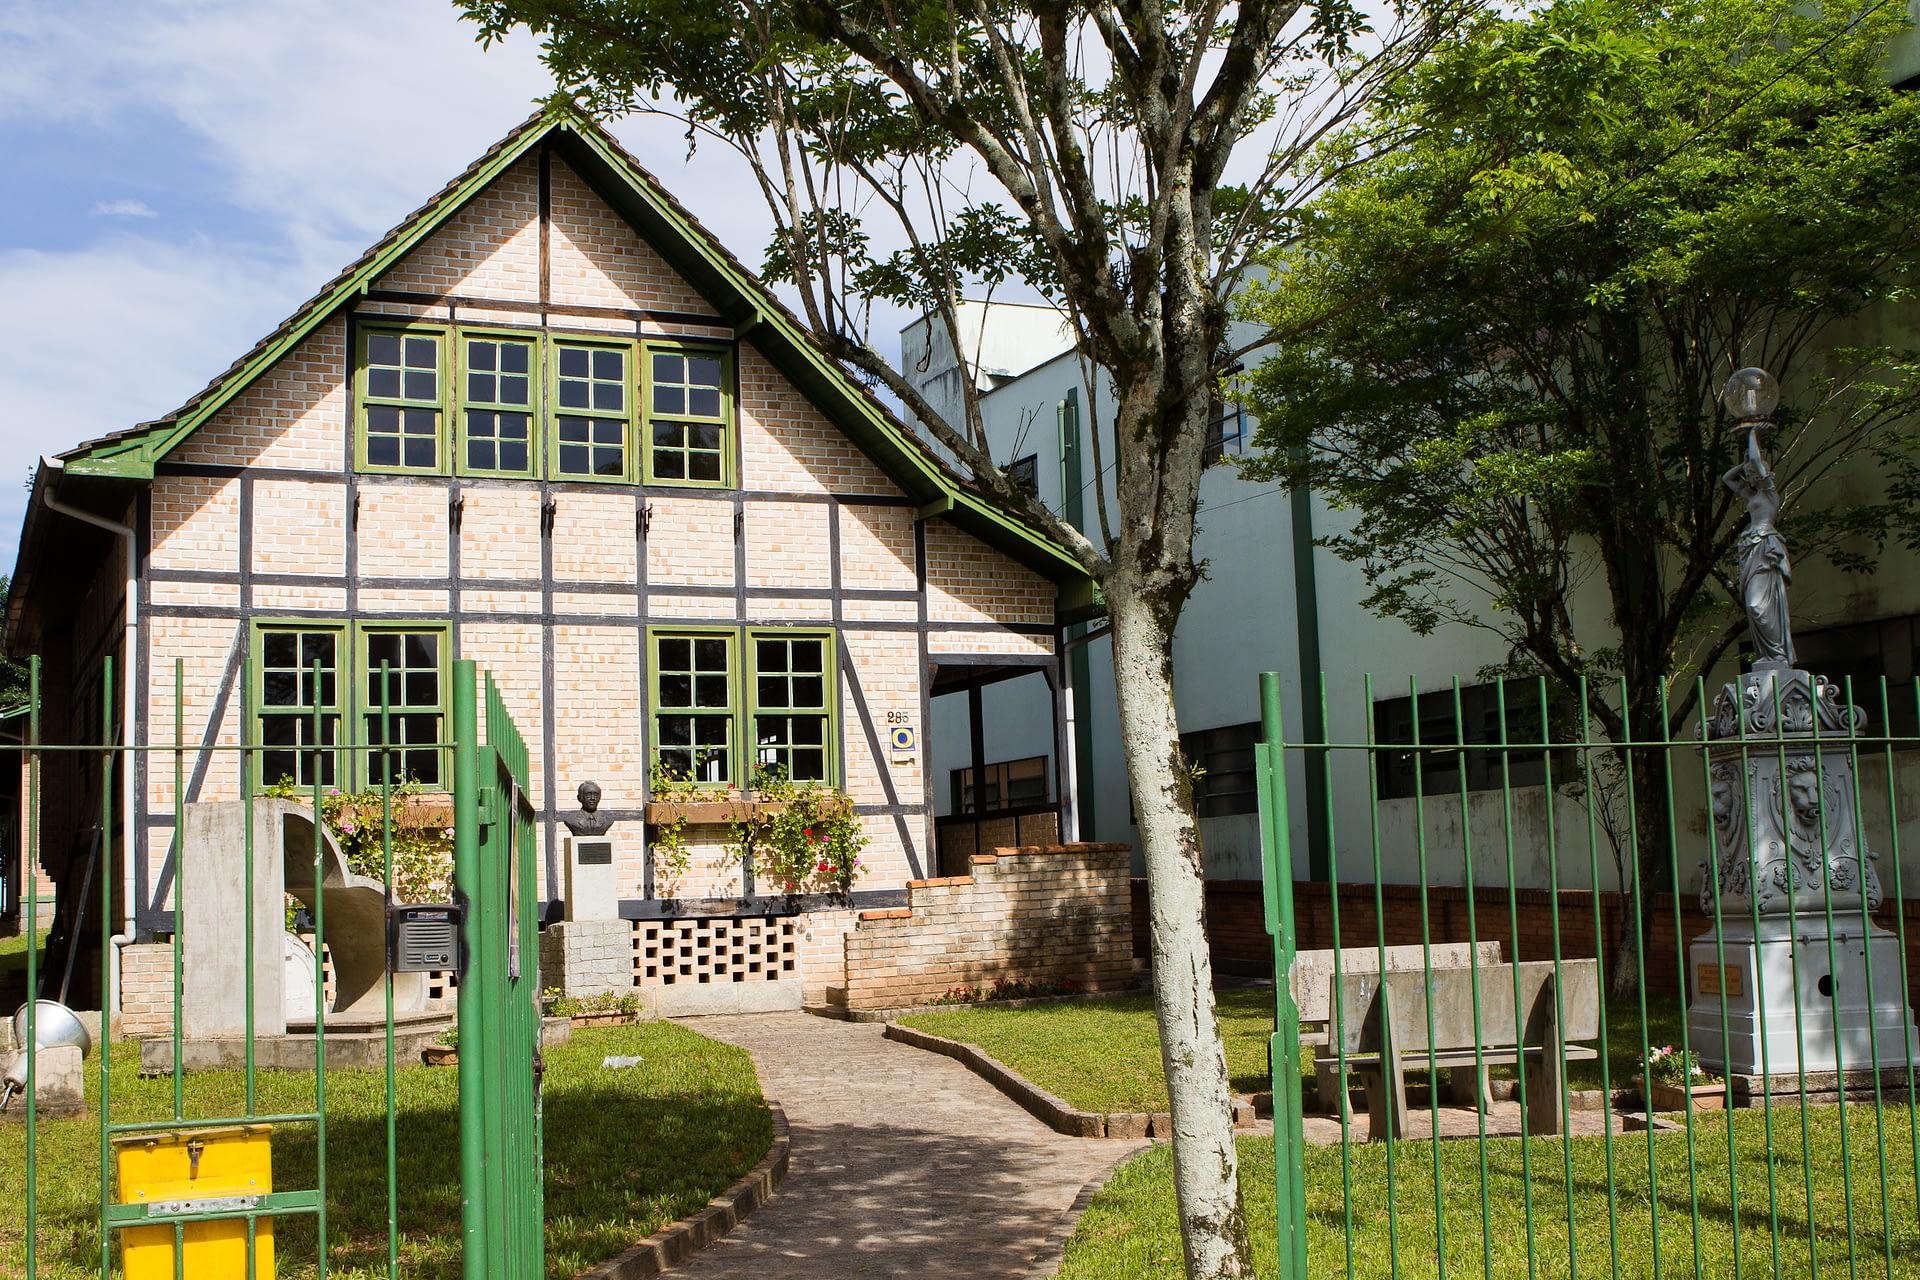 Museu Casa de Brusque - Museu Histórico do Vale do Itajaí-Mirim